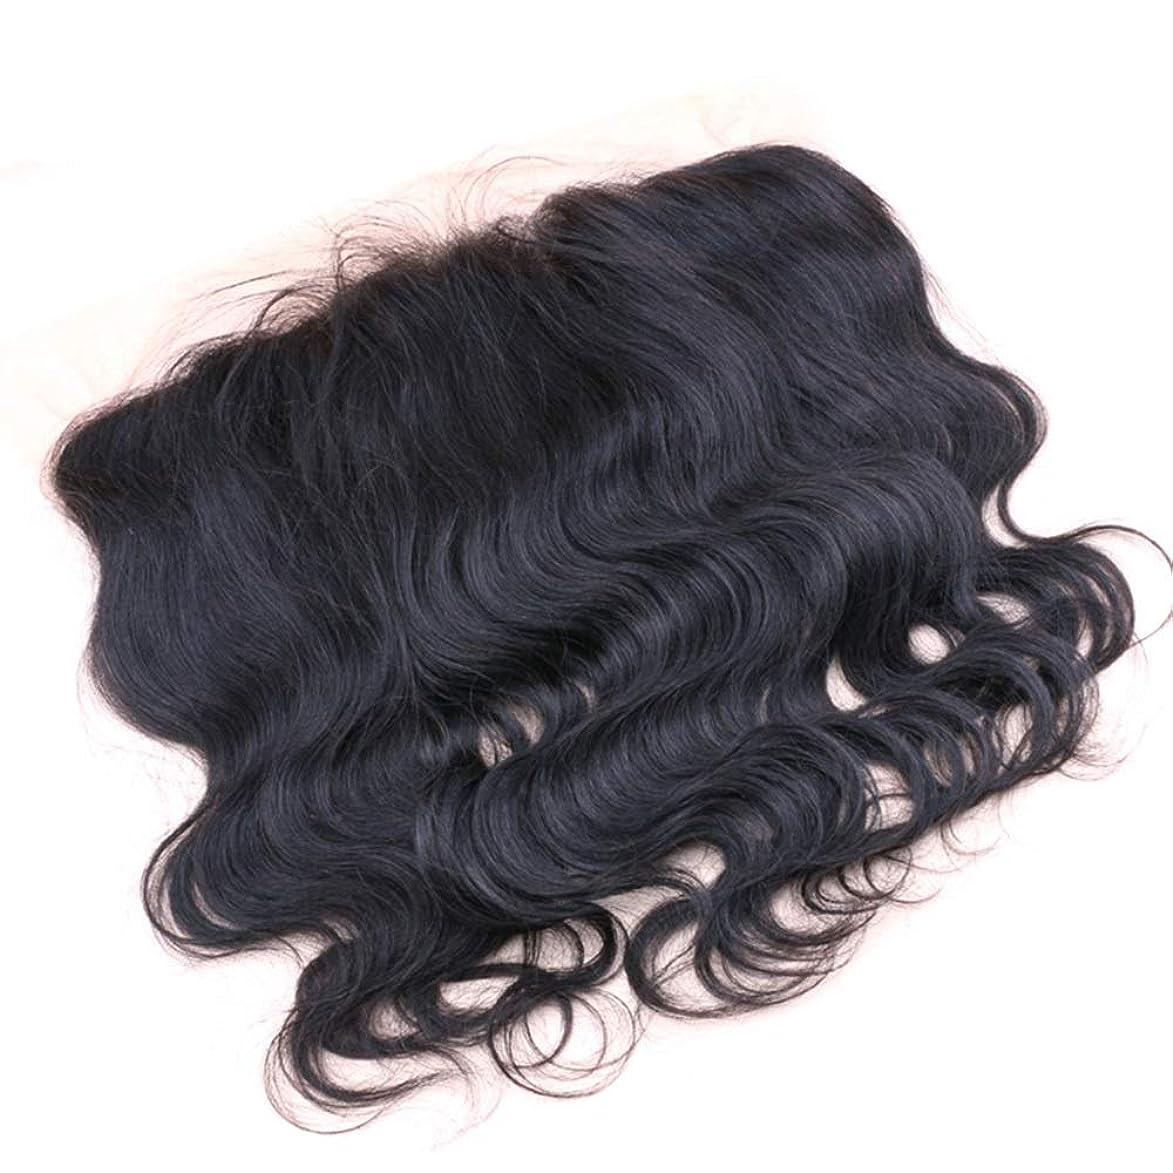 乱気流例極めてYAHONGOE 13×6インチレース前頭閉鎖自然な波人間の髪の毛のレース前頭耳から耳への毛延長合成髪レースかつらロールプレイングかつら長くて短い女性自然 (色 : 黒, サイズ : 16 inch)